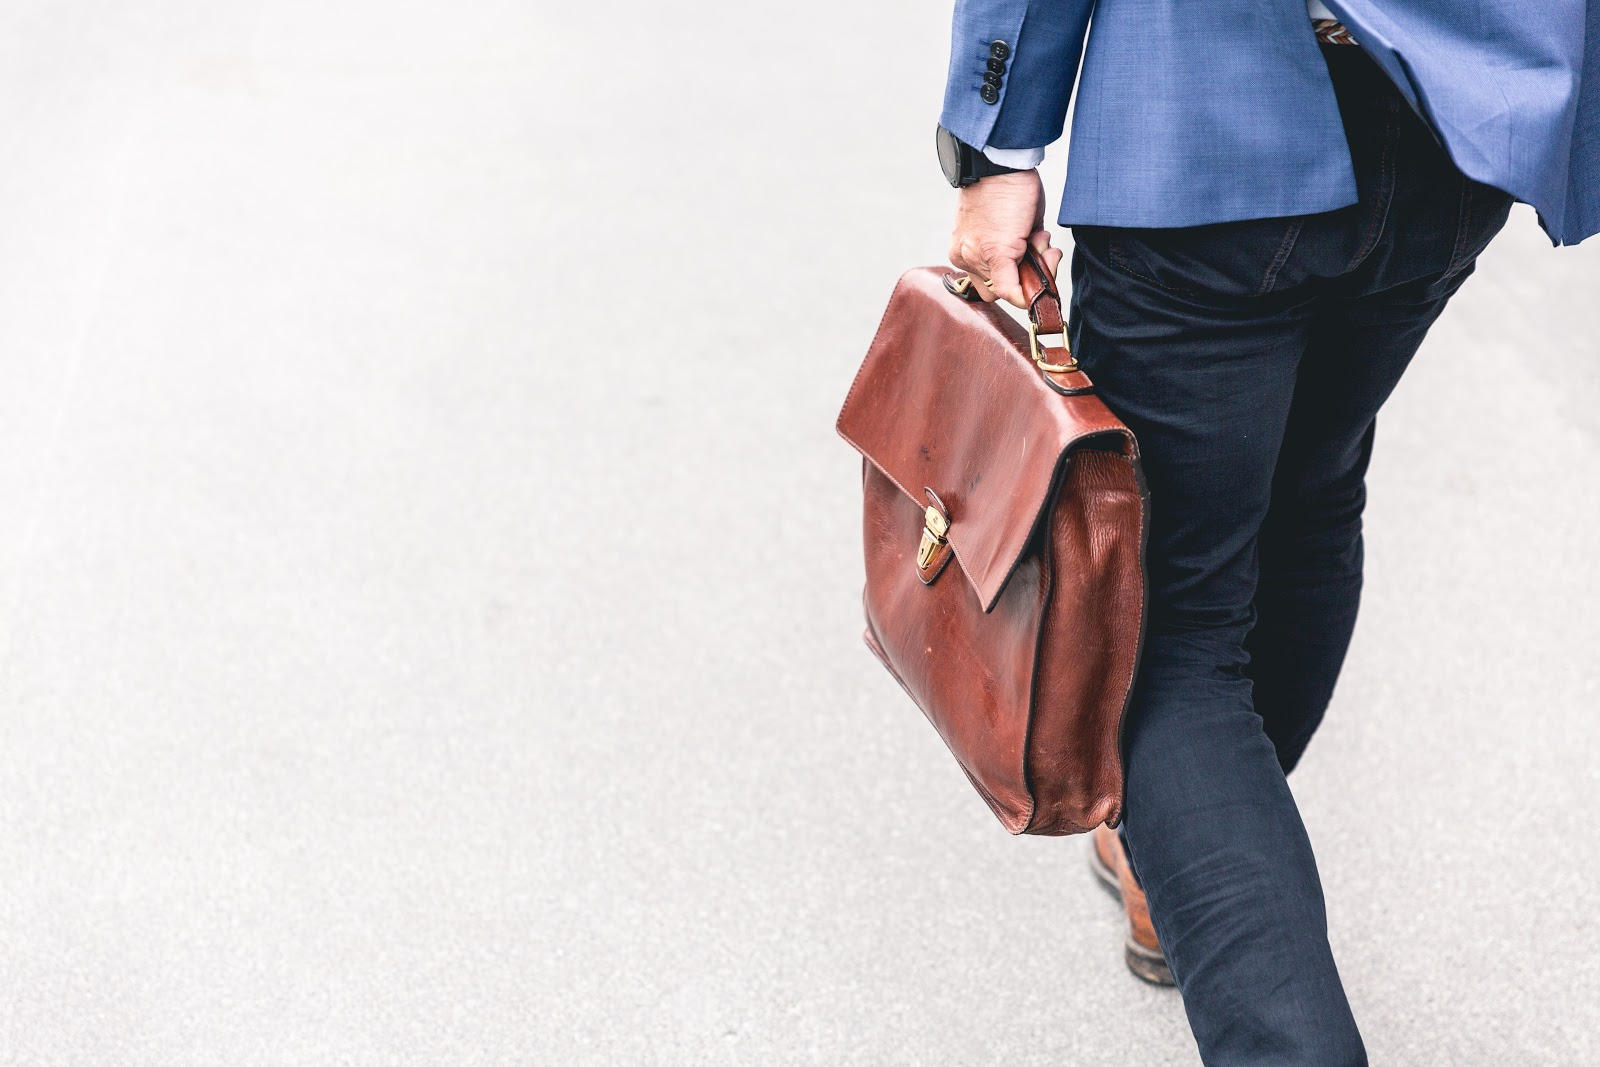 Uma pessoa de costas segurando uma mala.